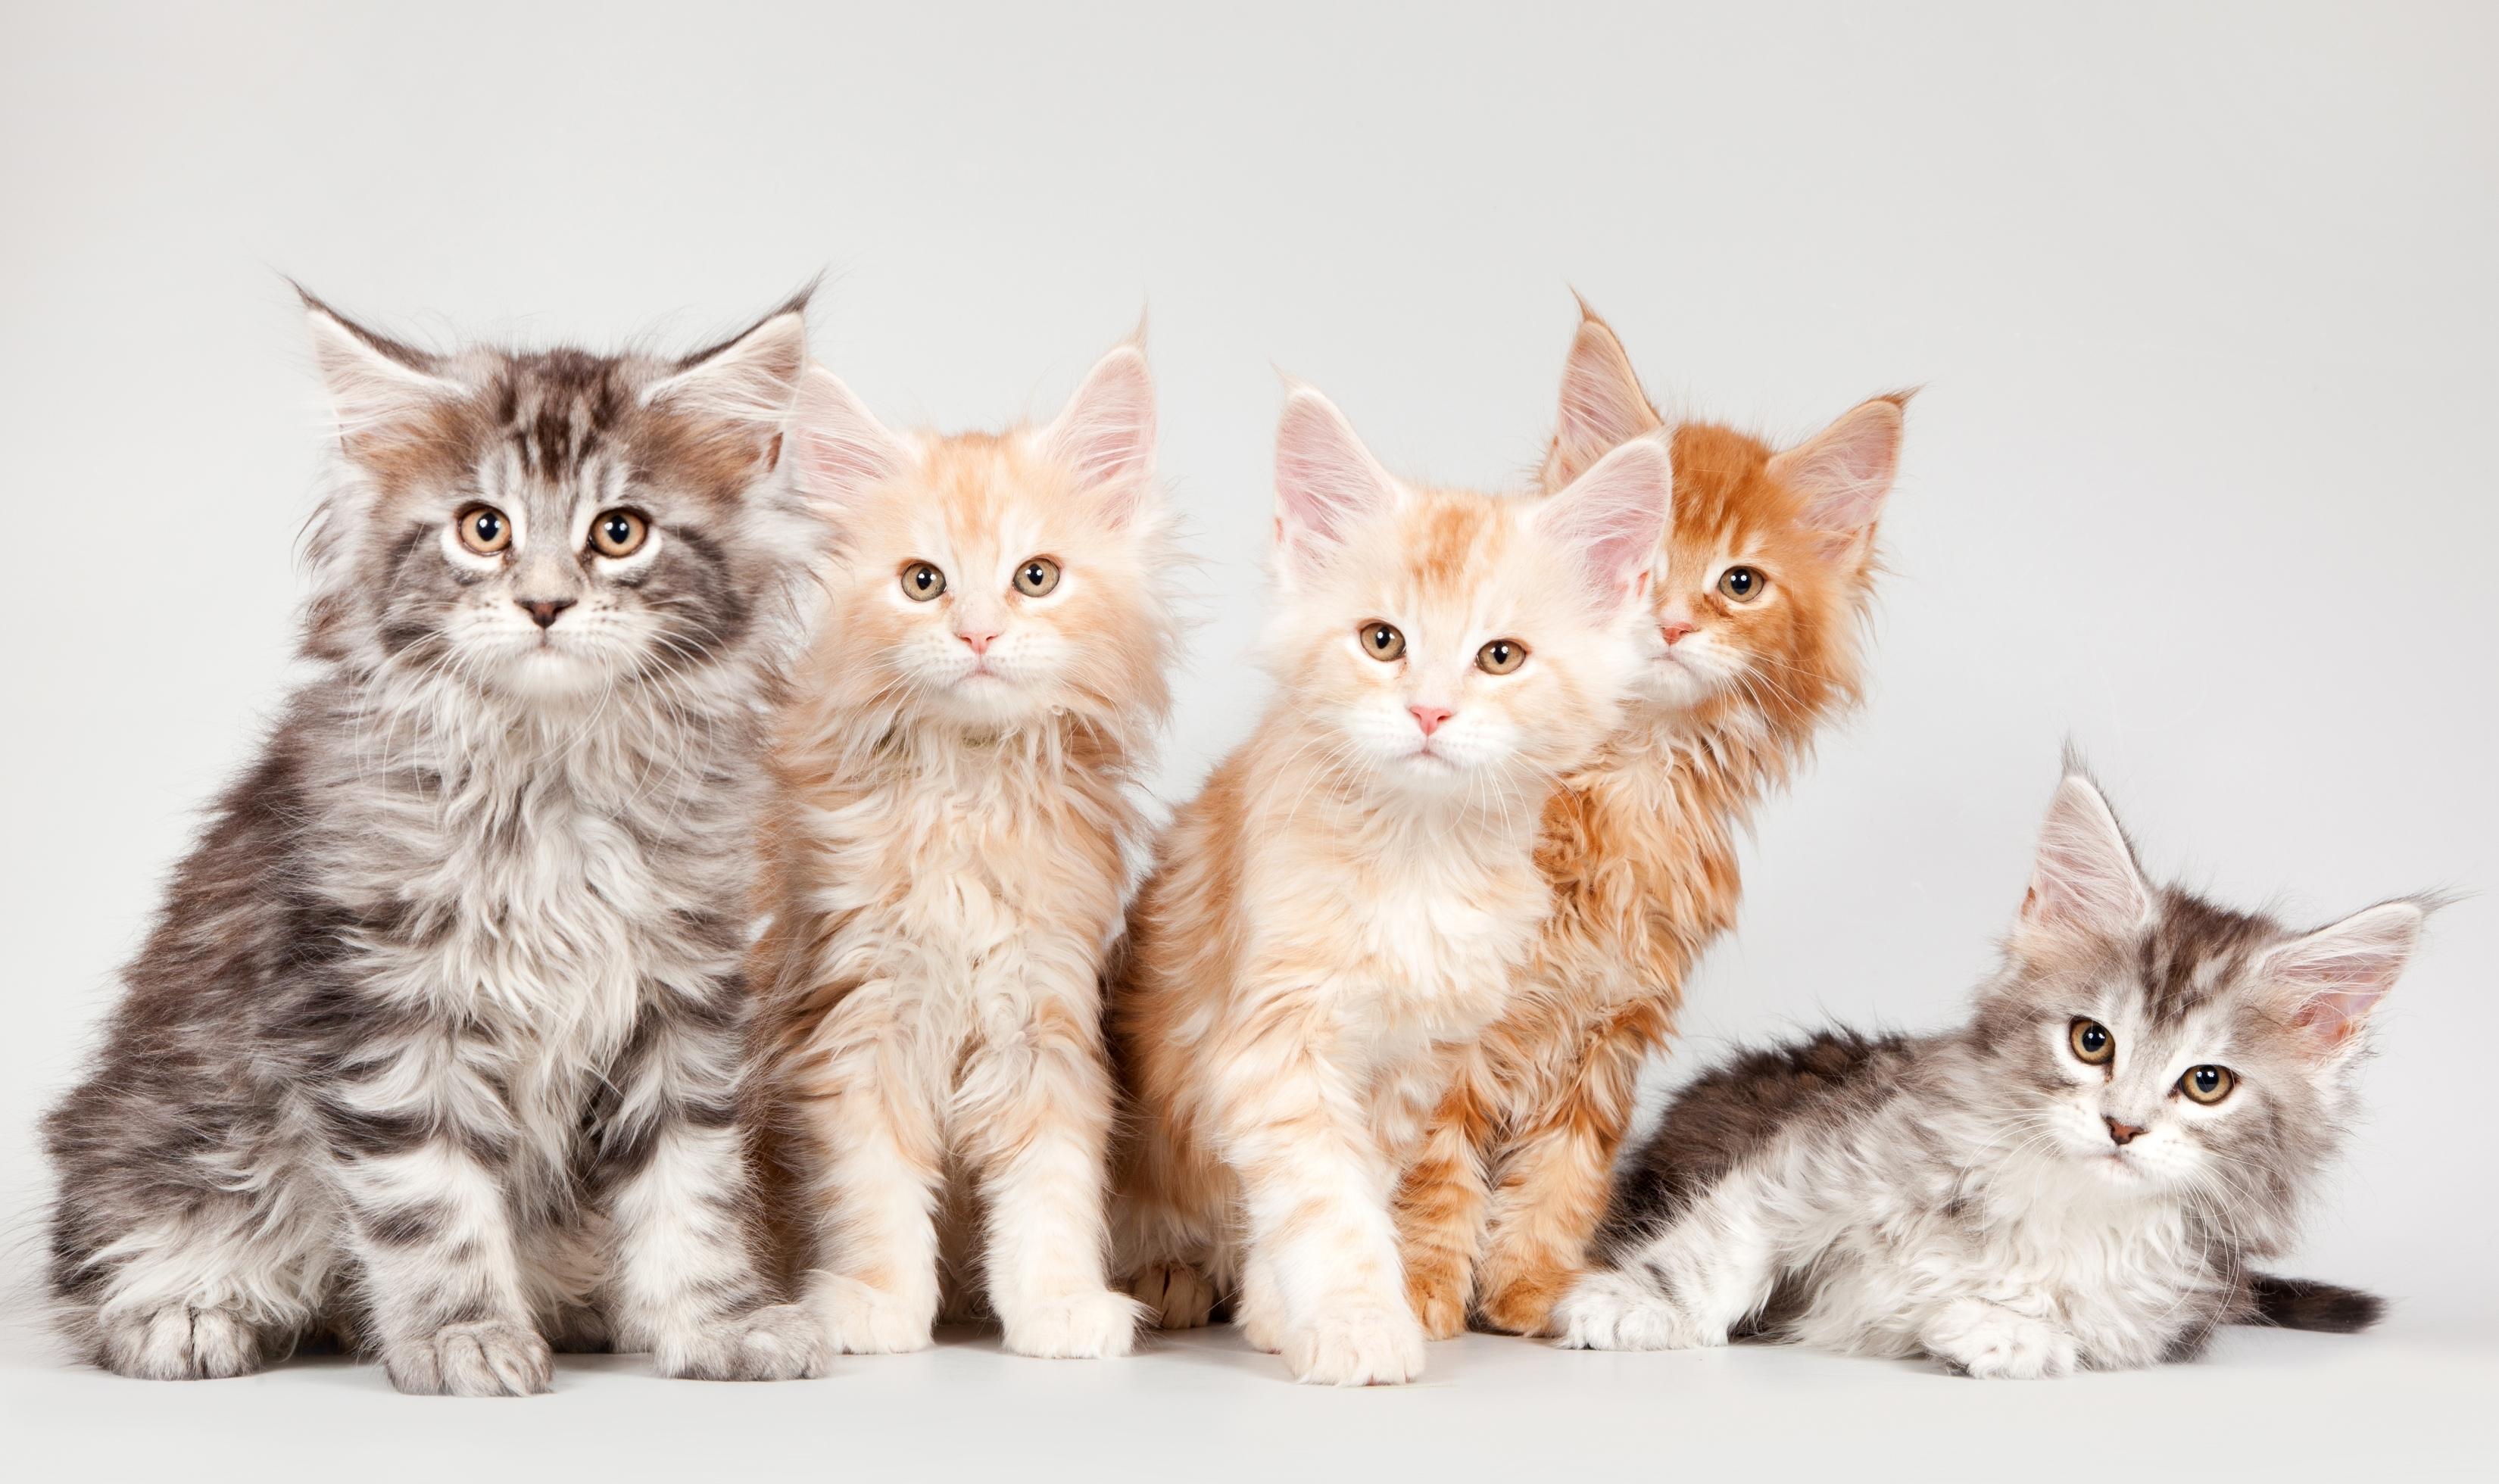 котята кошек мейн кун